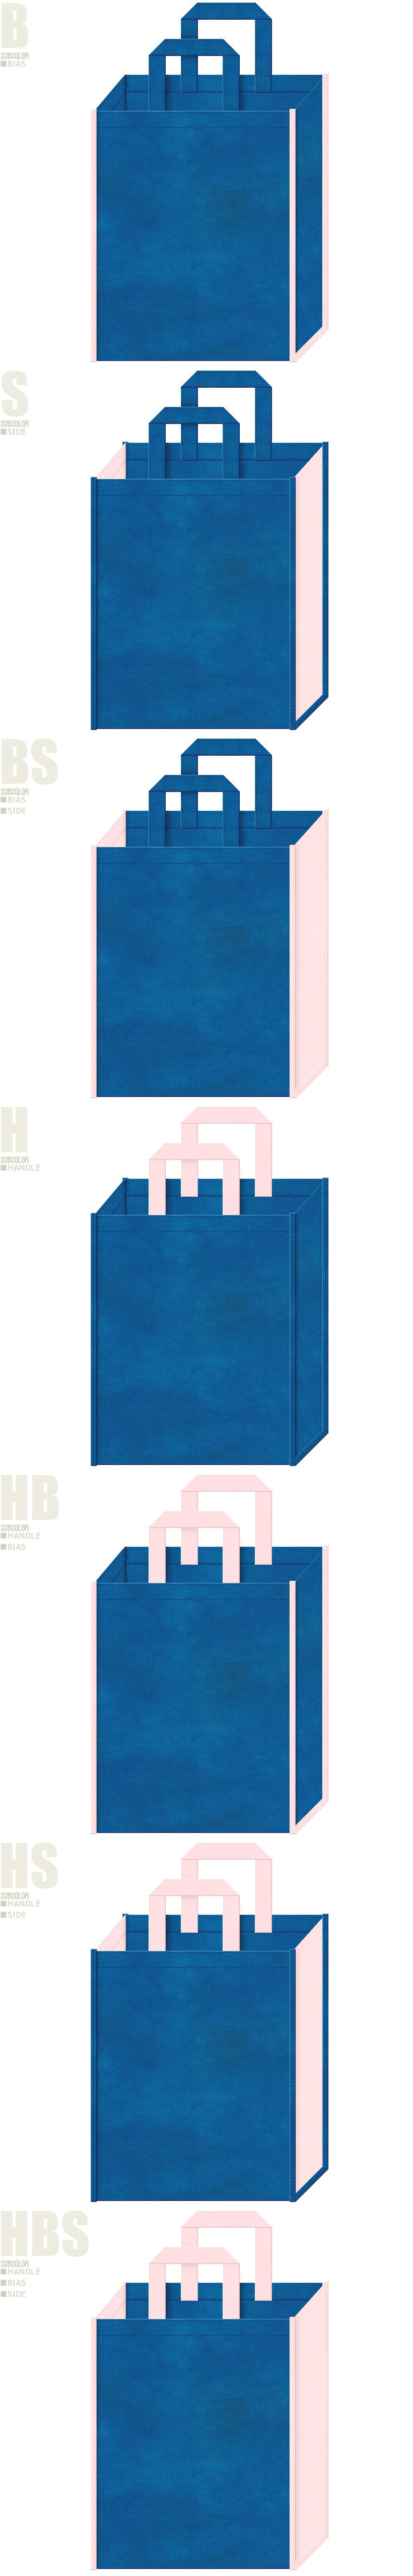 青色と桜色の不織布バッグデザイン:配色7パターン